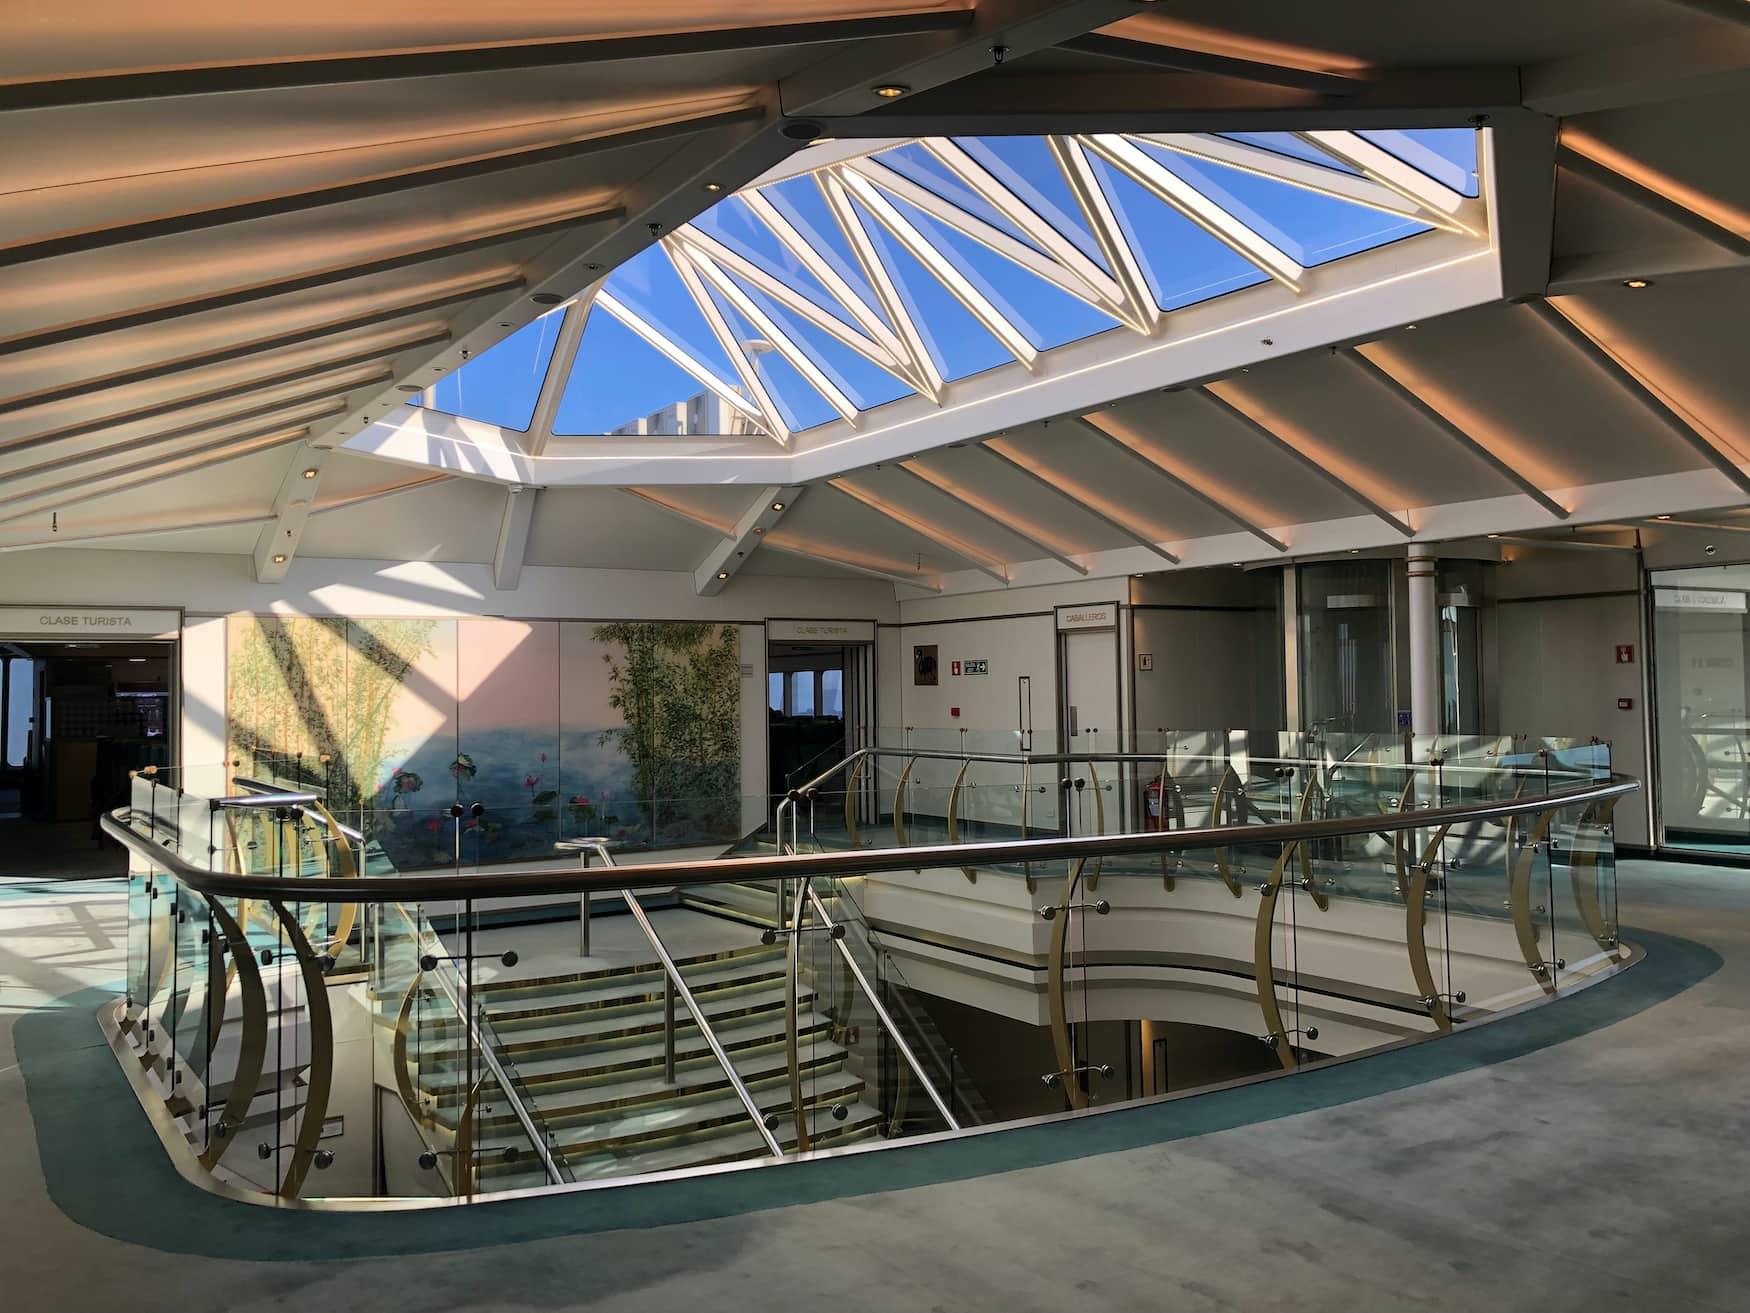 Die Lobby des Schiffs von Buquebus, das Buenos Aires und Montevideo miteinander verbindet